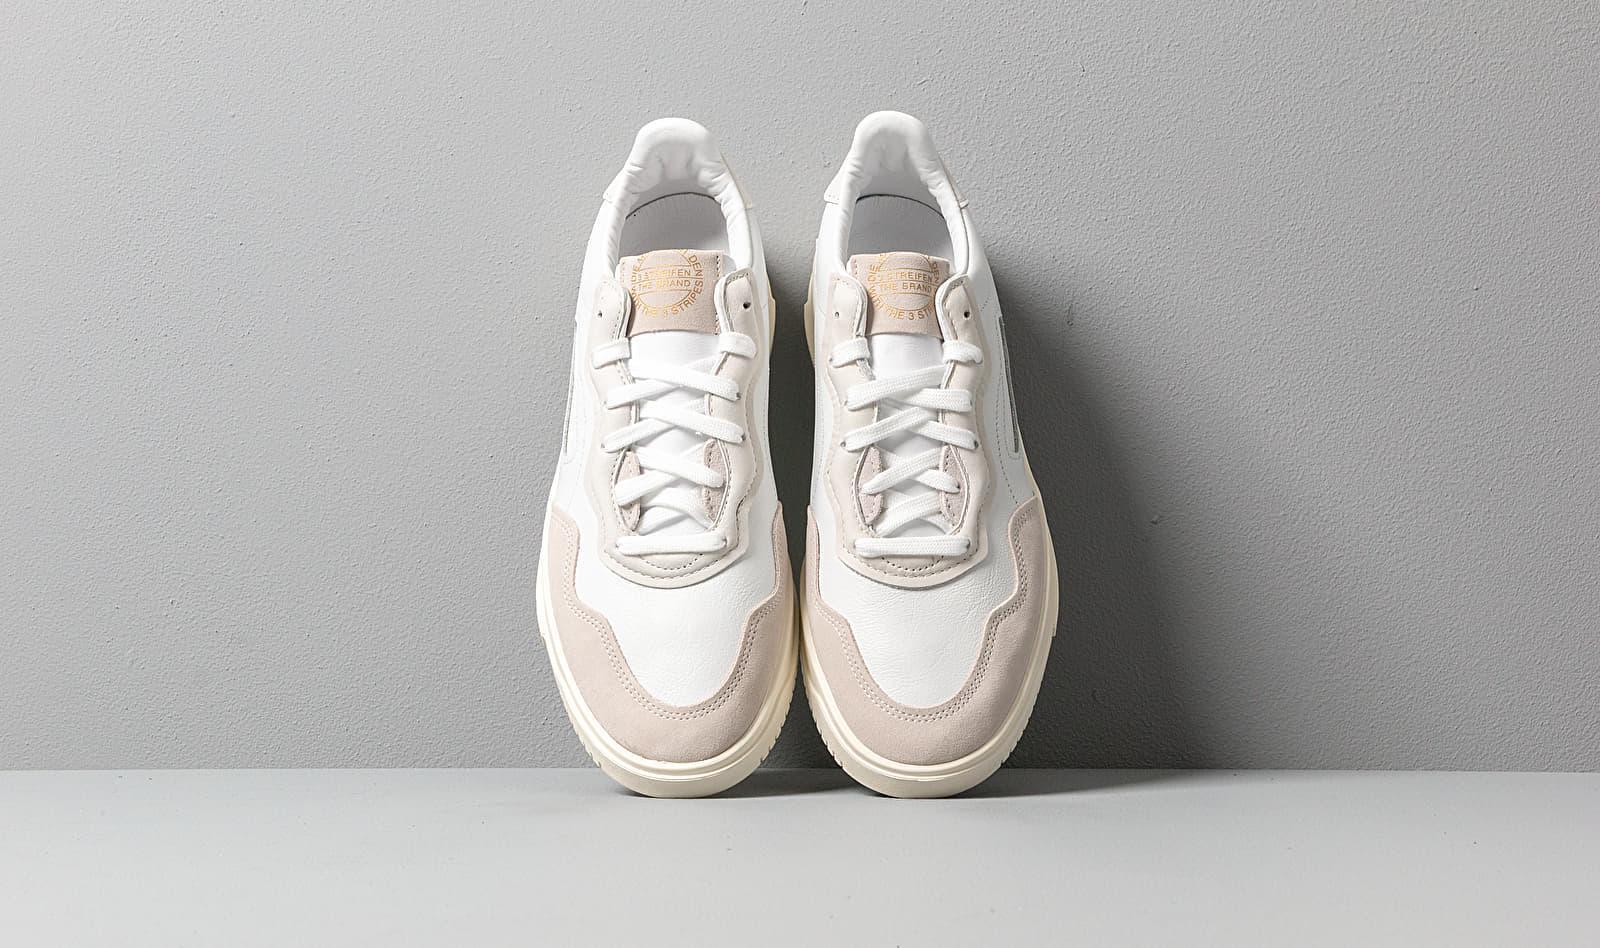 Adidas SC Premiere Crystal White/ Crystal White/ Core White adidas Originals de Cuero de hombre: ahorra un 29 %